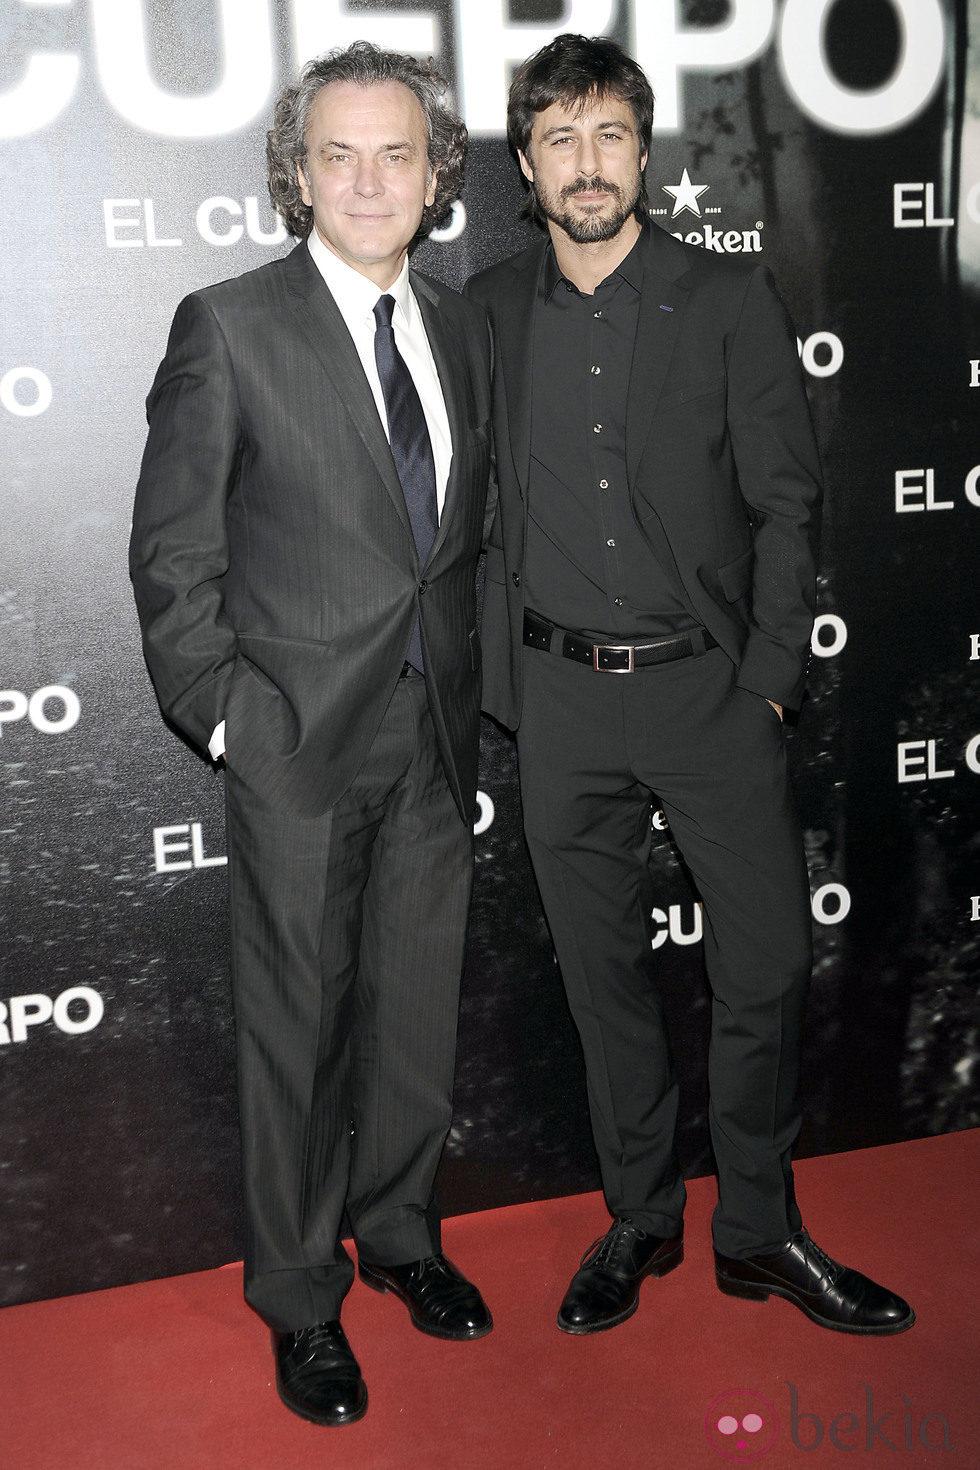 José Coronado y Hugo Silva en el estreno de 'El Cuerpo'